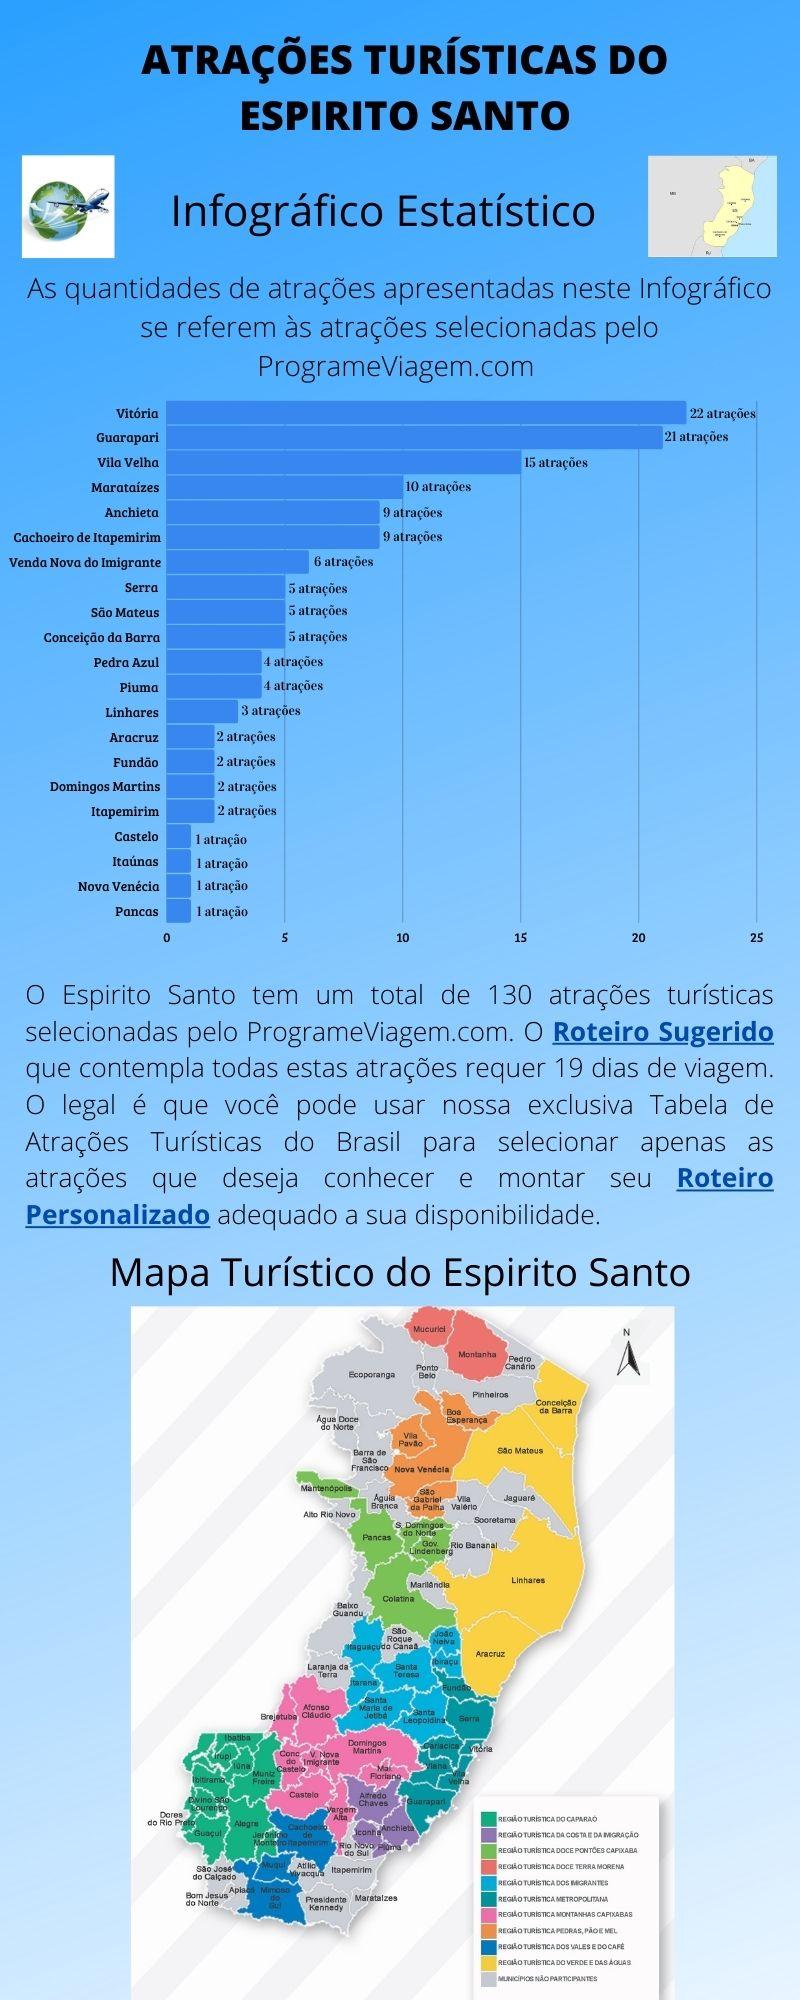 Infográfico Atrações Turísticas do Espirito Santo